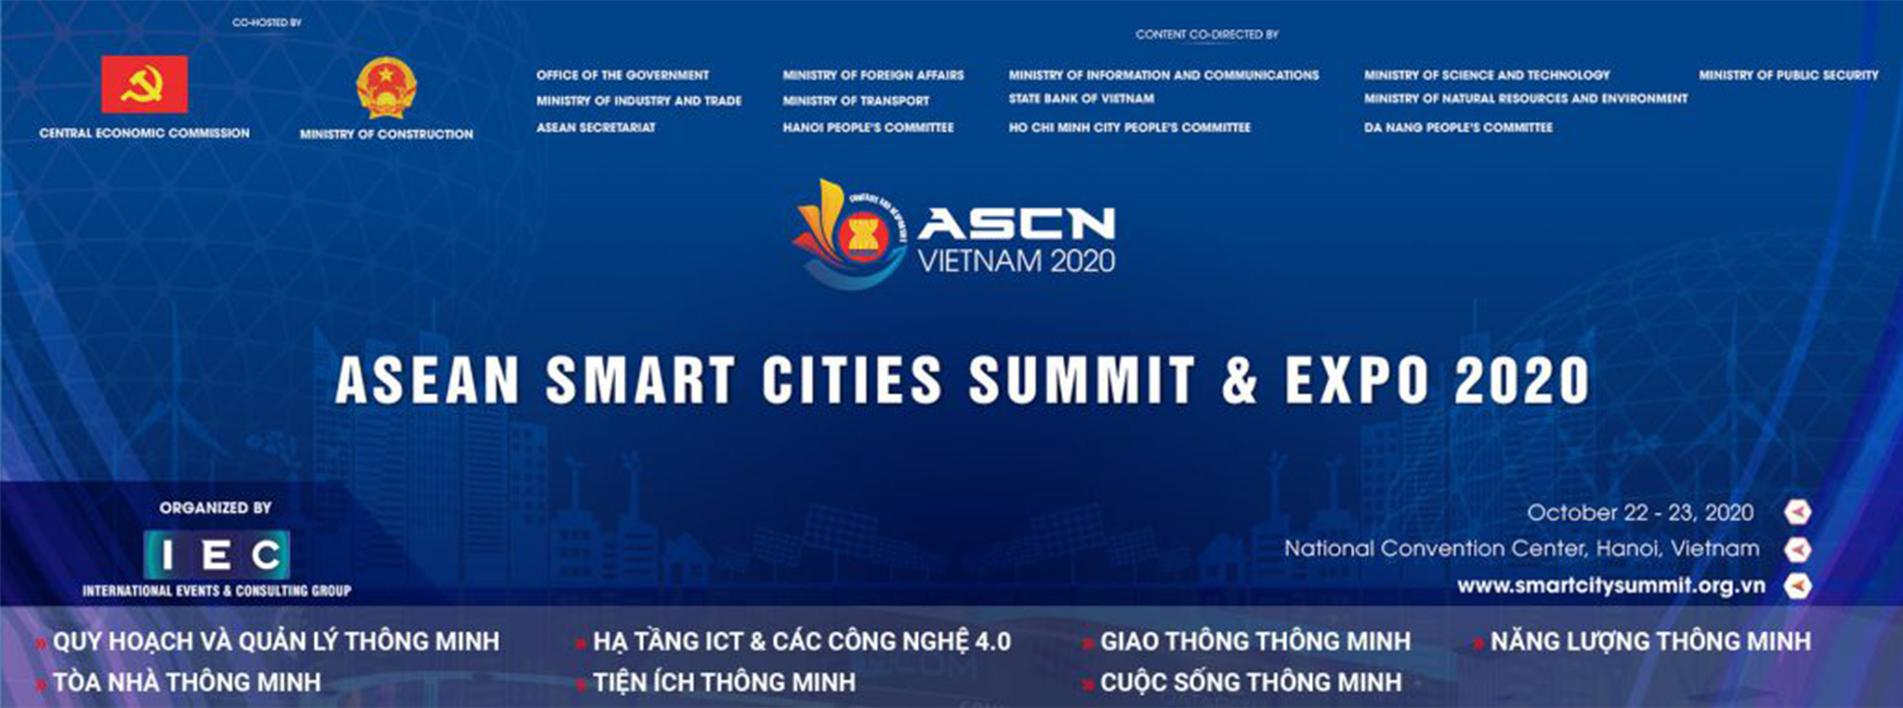 HCOM tham dự VSCN 2020